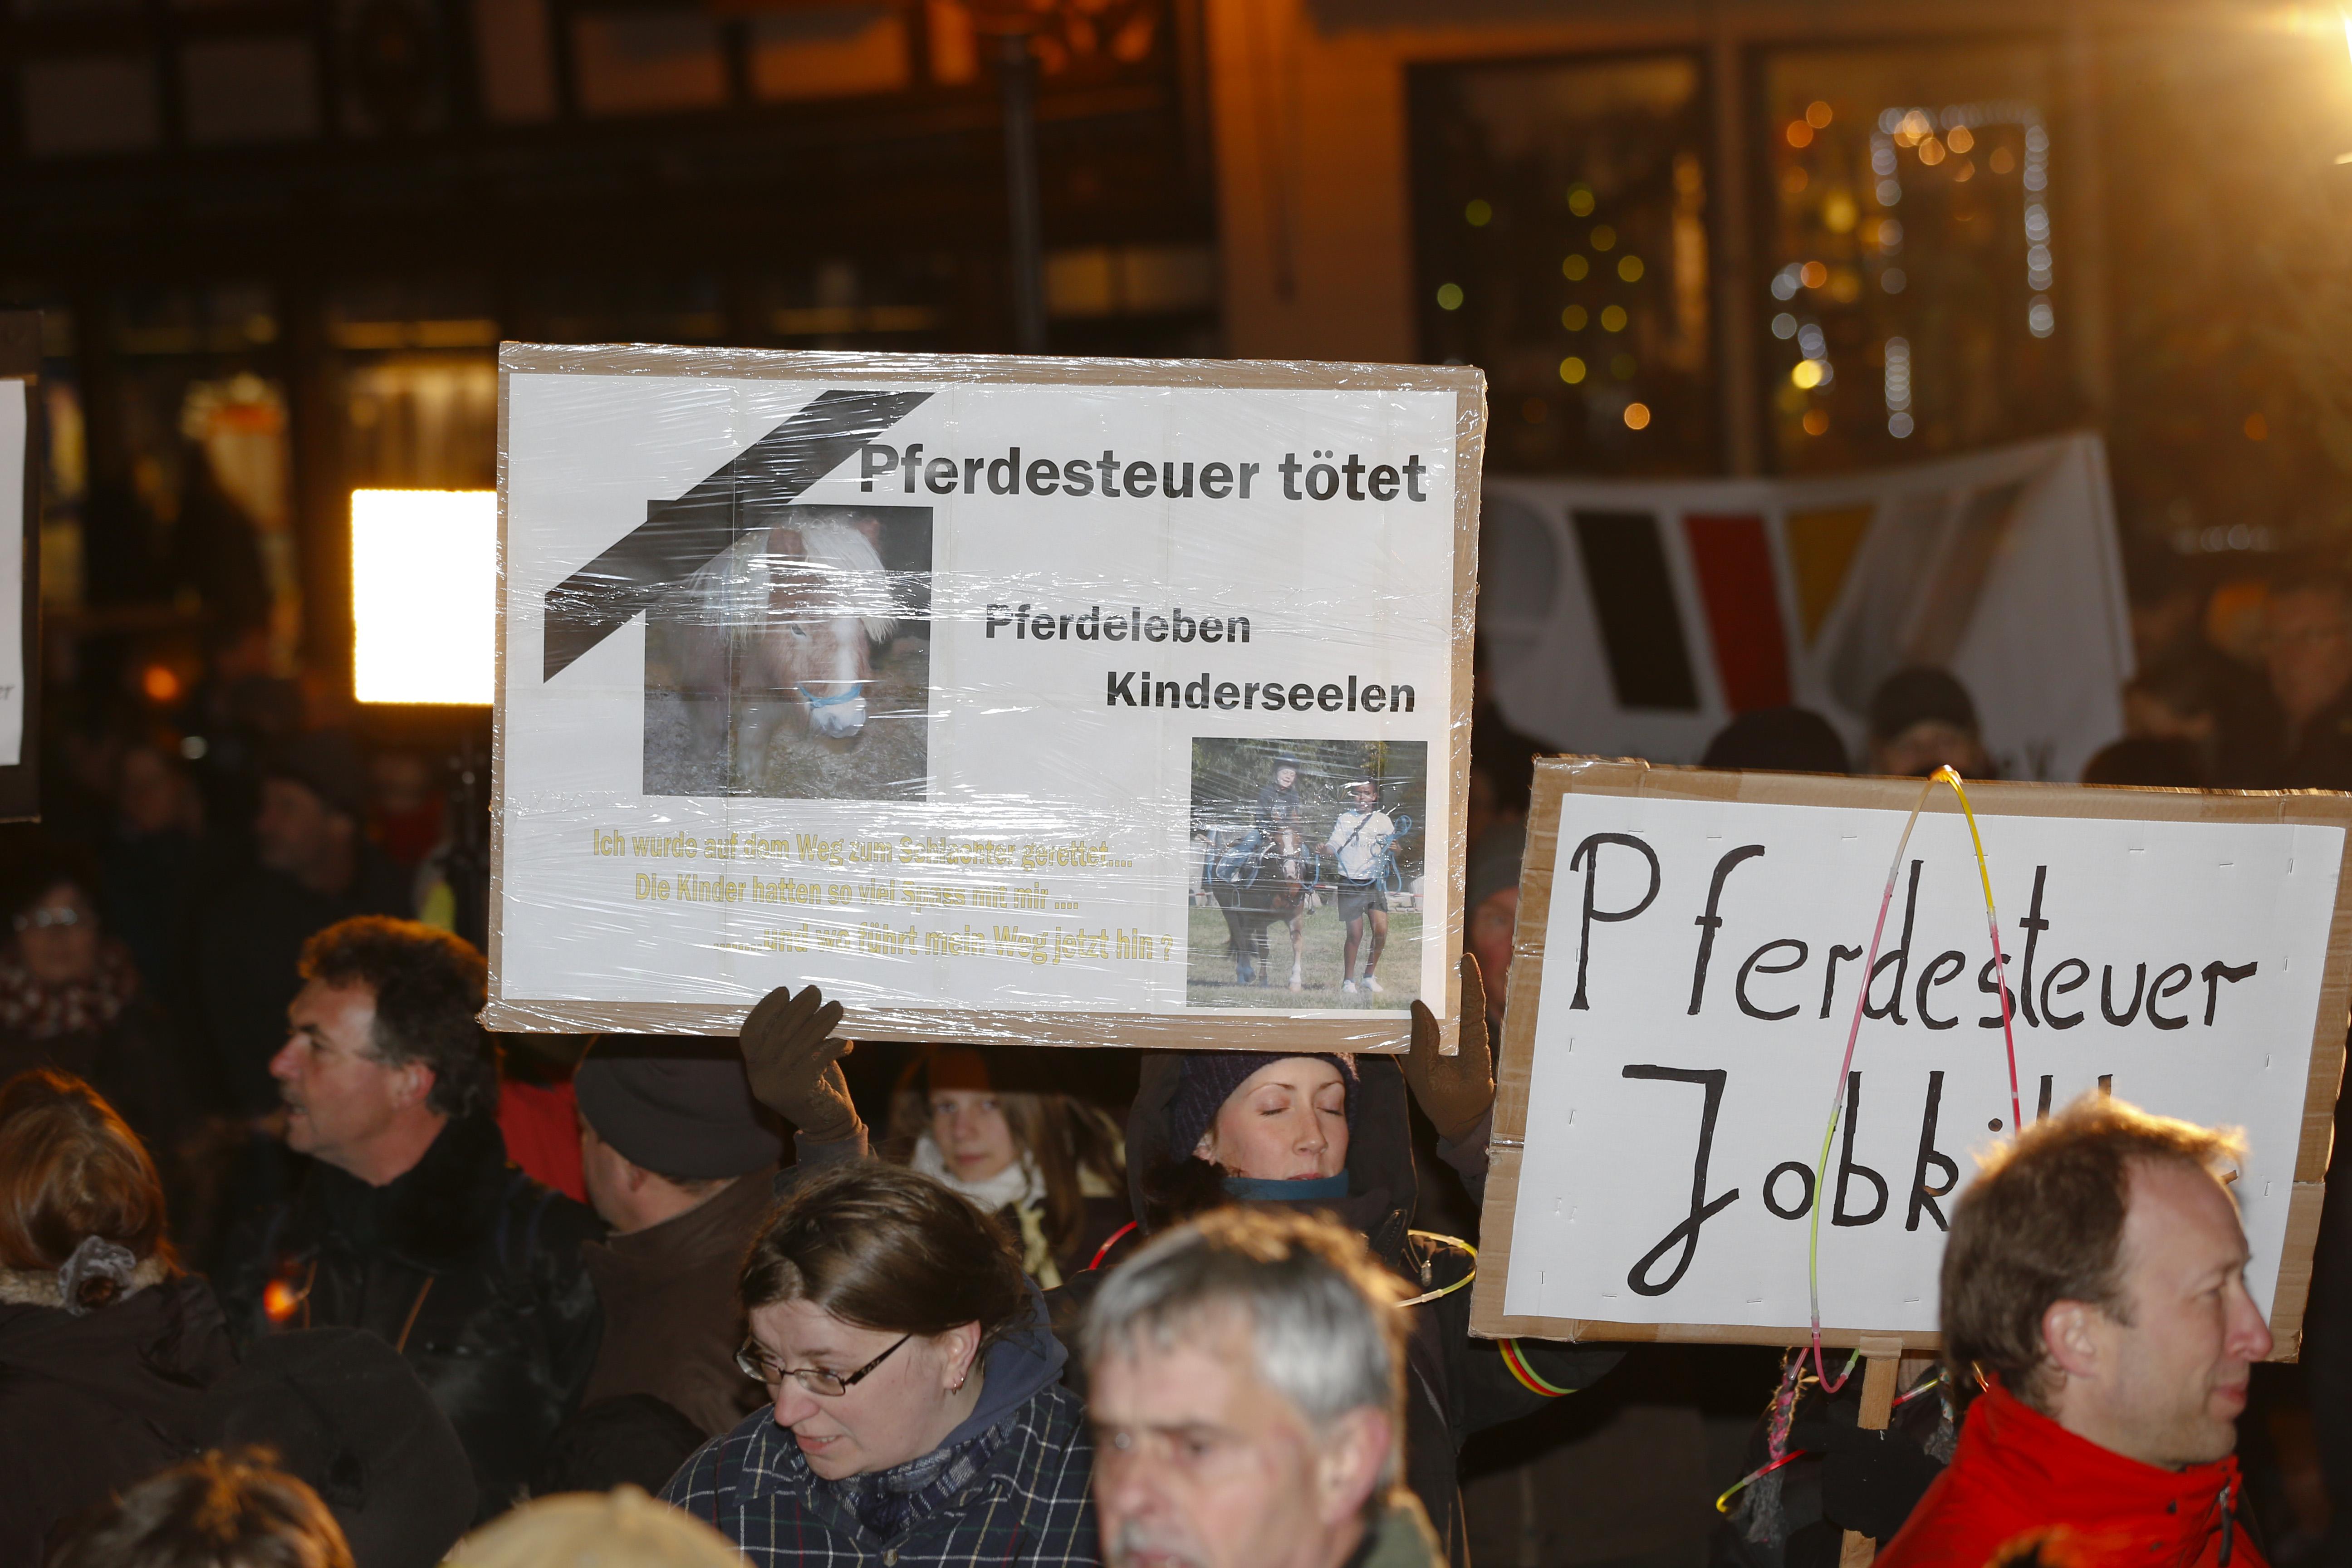 Pferdesteuer in Tangstedt kommt